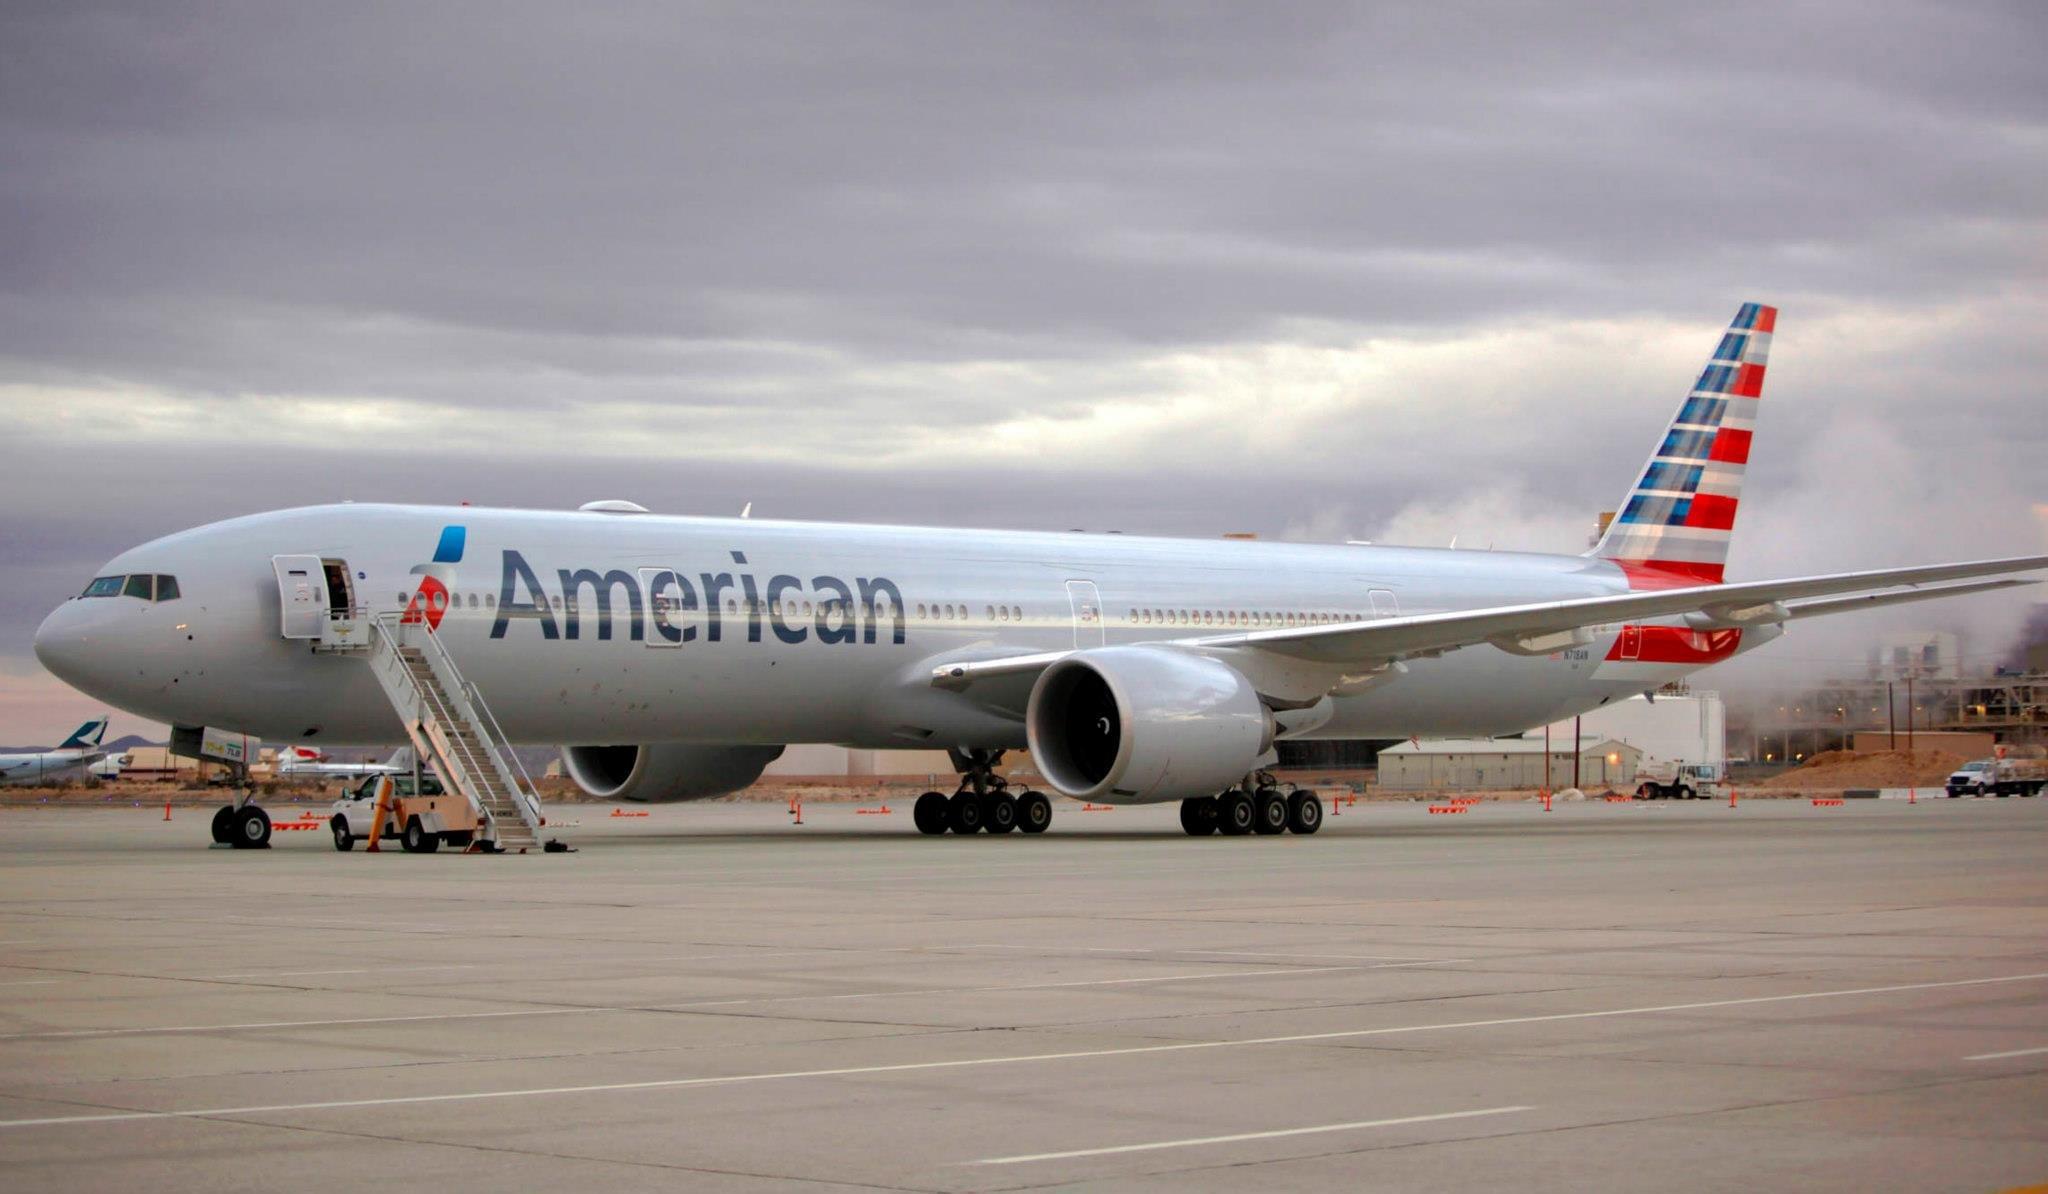 ВСША 10 человек пострадали из-за попадания самолета взону сильной турбулентности